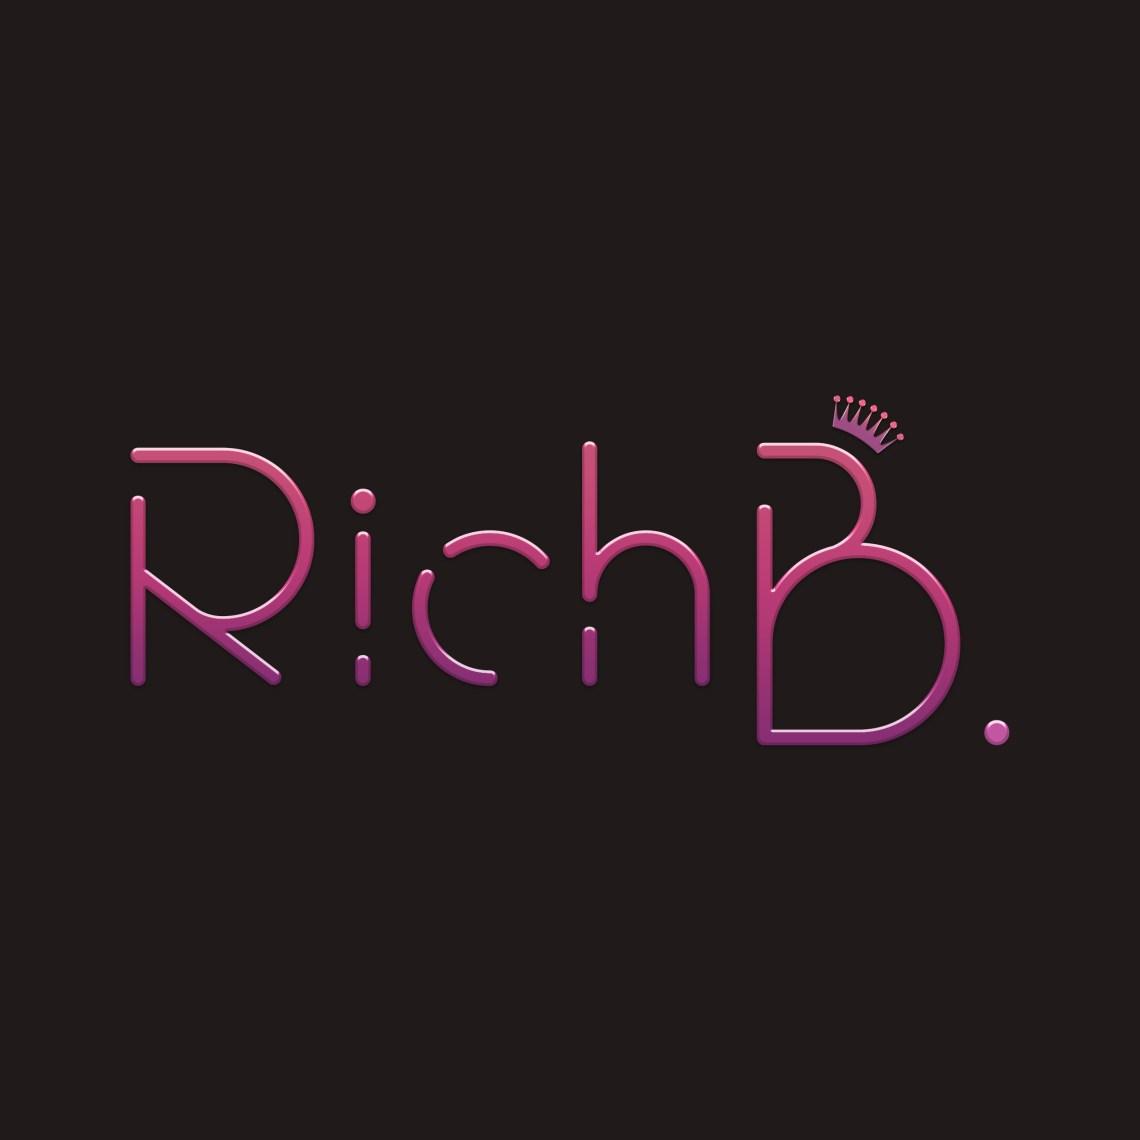 logo-richb-2019